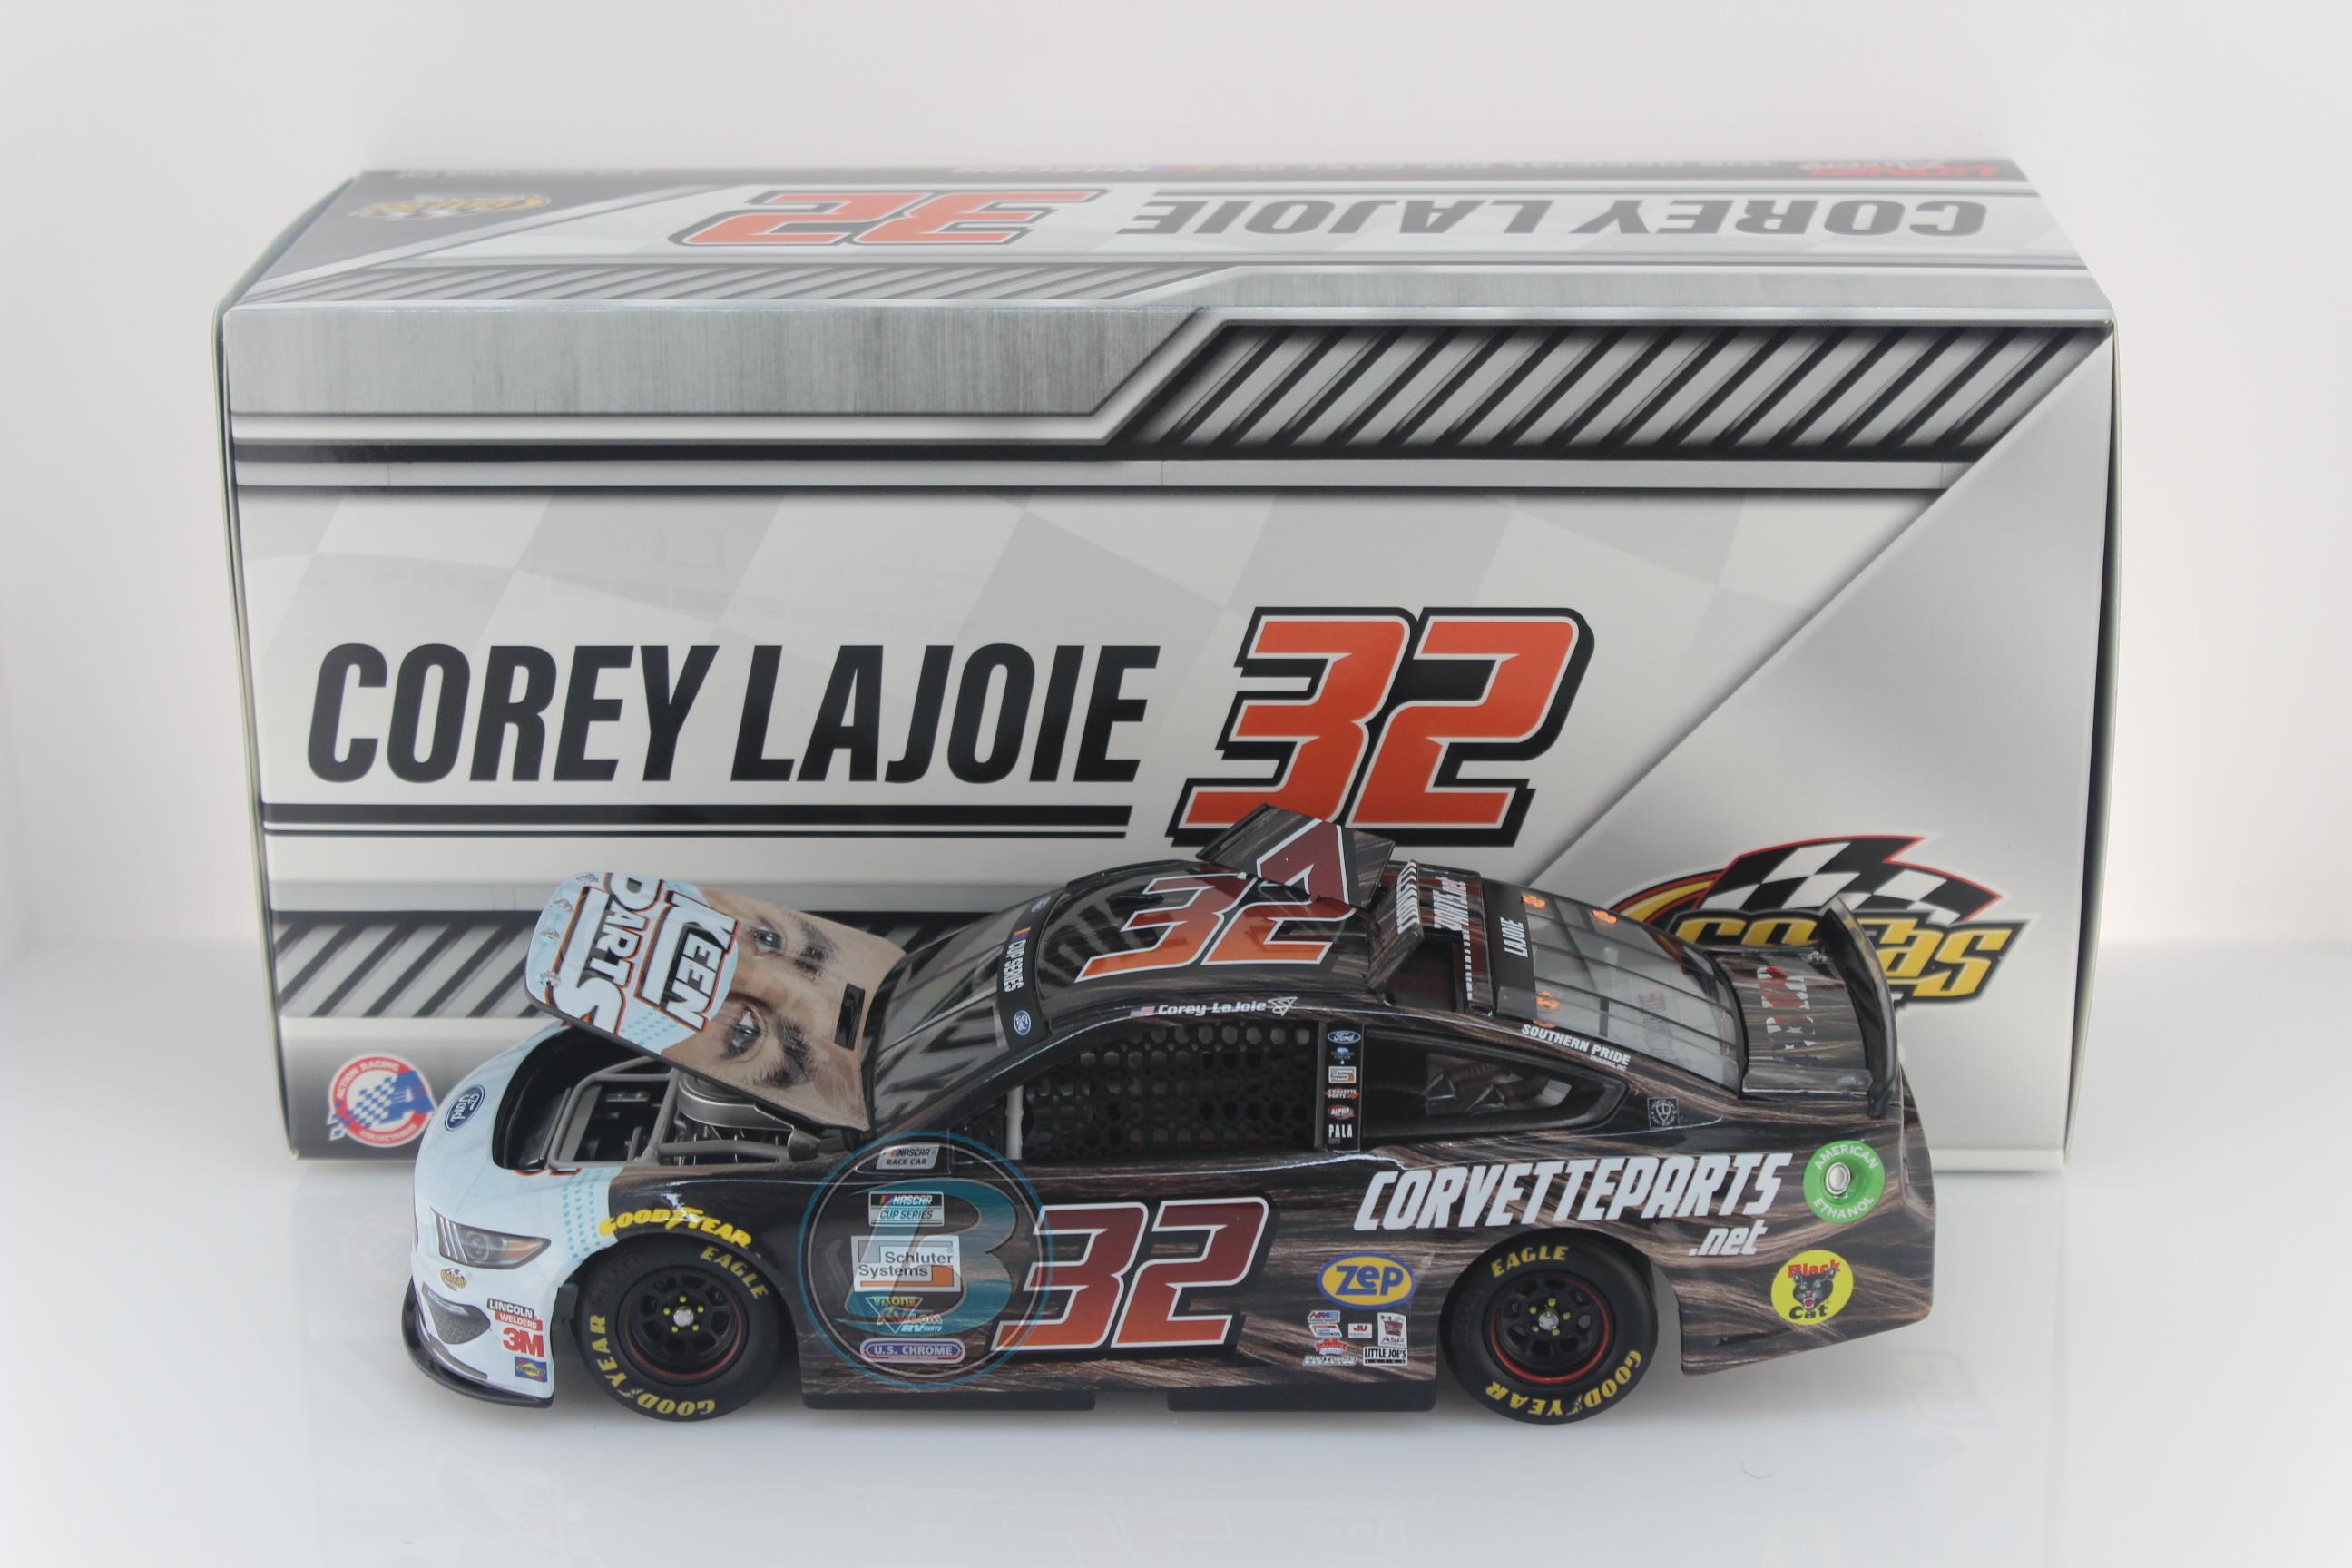 Lionel Racing Corey Lajoie 2020 Keen Parts Face Mask 1:64 Nascar Diecast